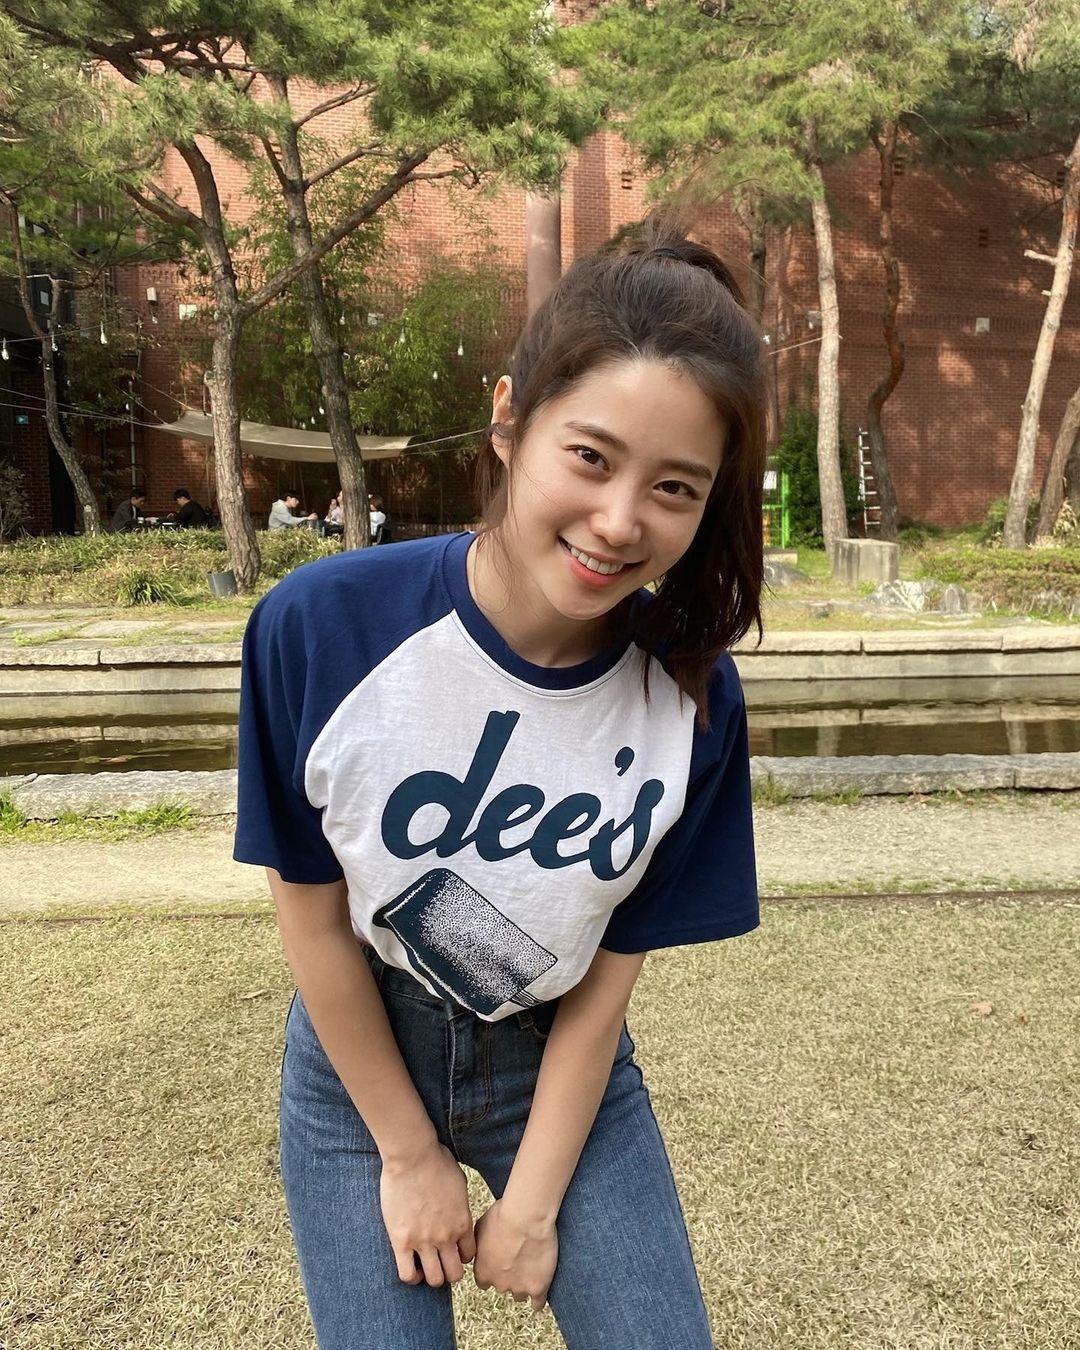 韩国甜甜小姐姐한나身材超会藏根本是神隐少女 宅猫猫 热图5